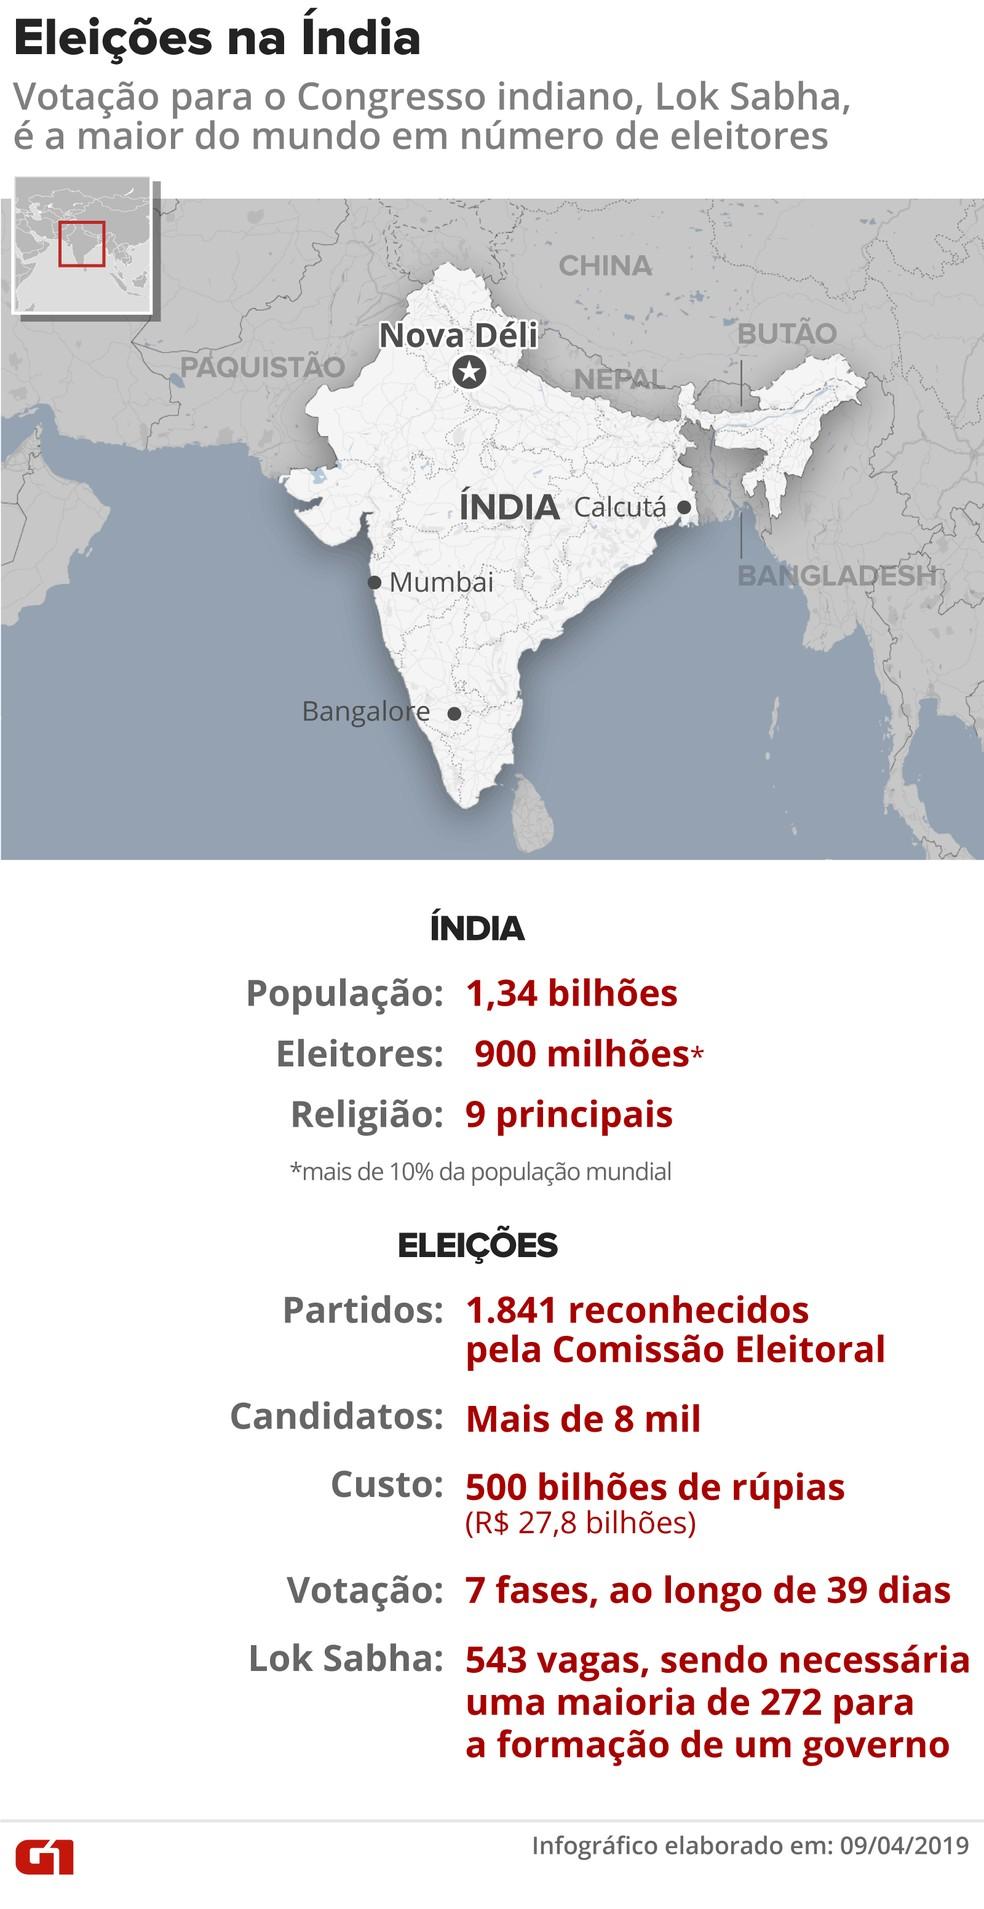 Eleições na Índia — Foto: Igor Estrella/G1